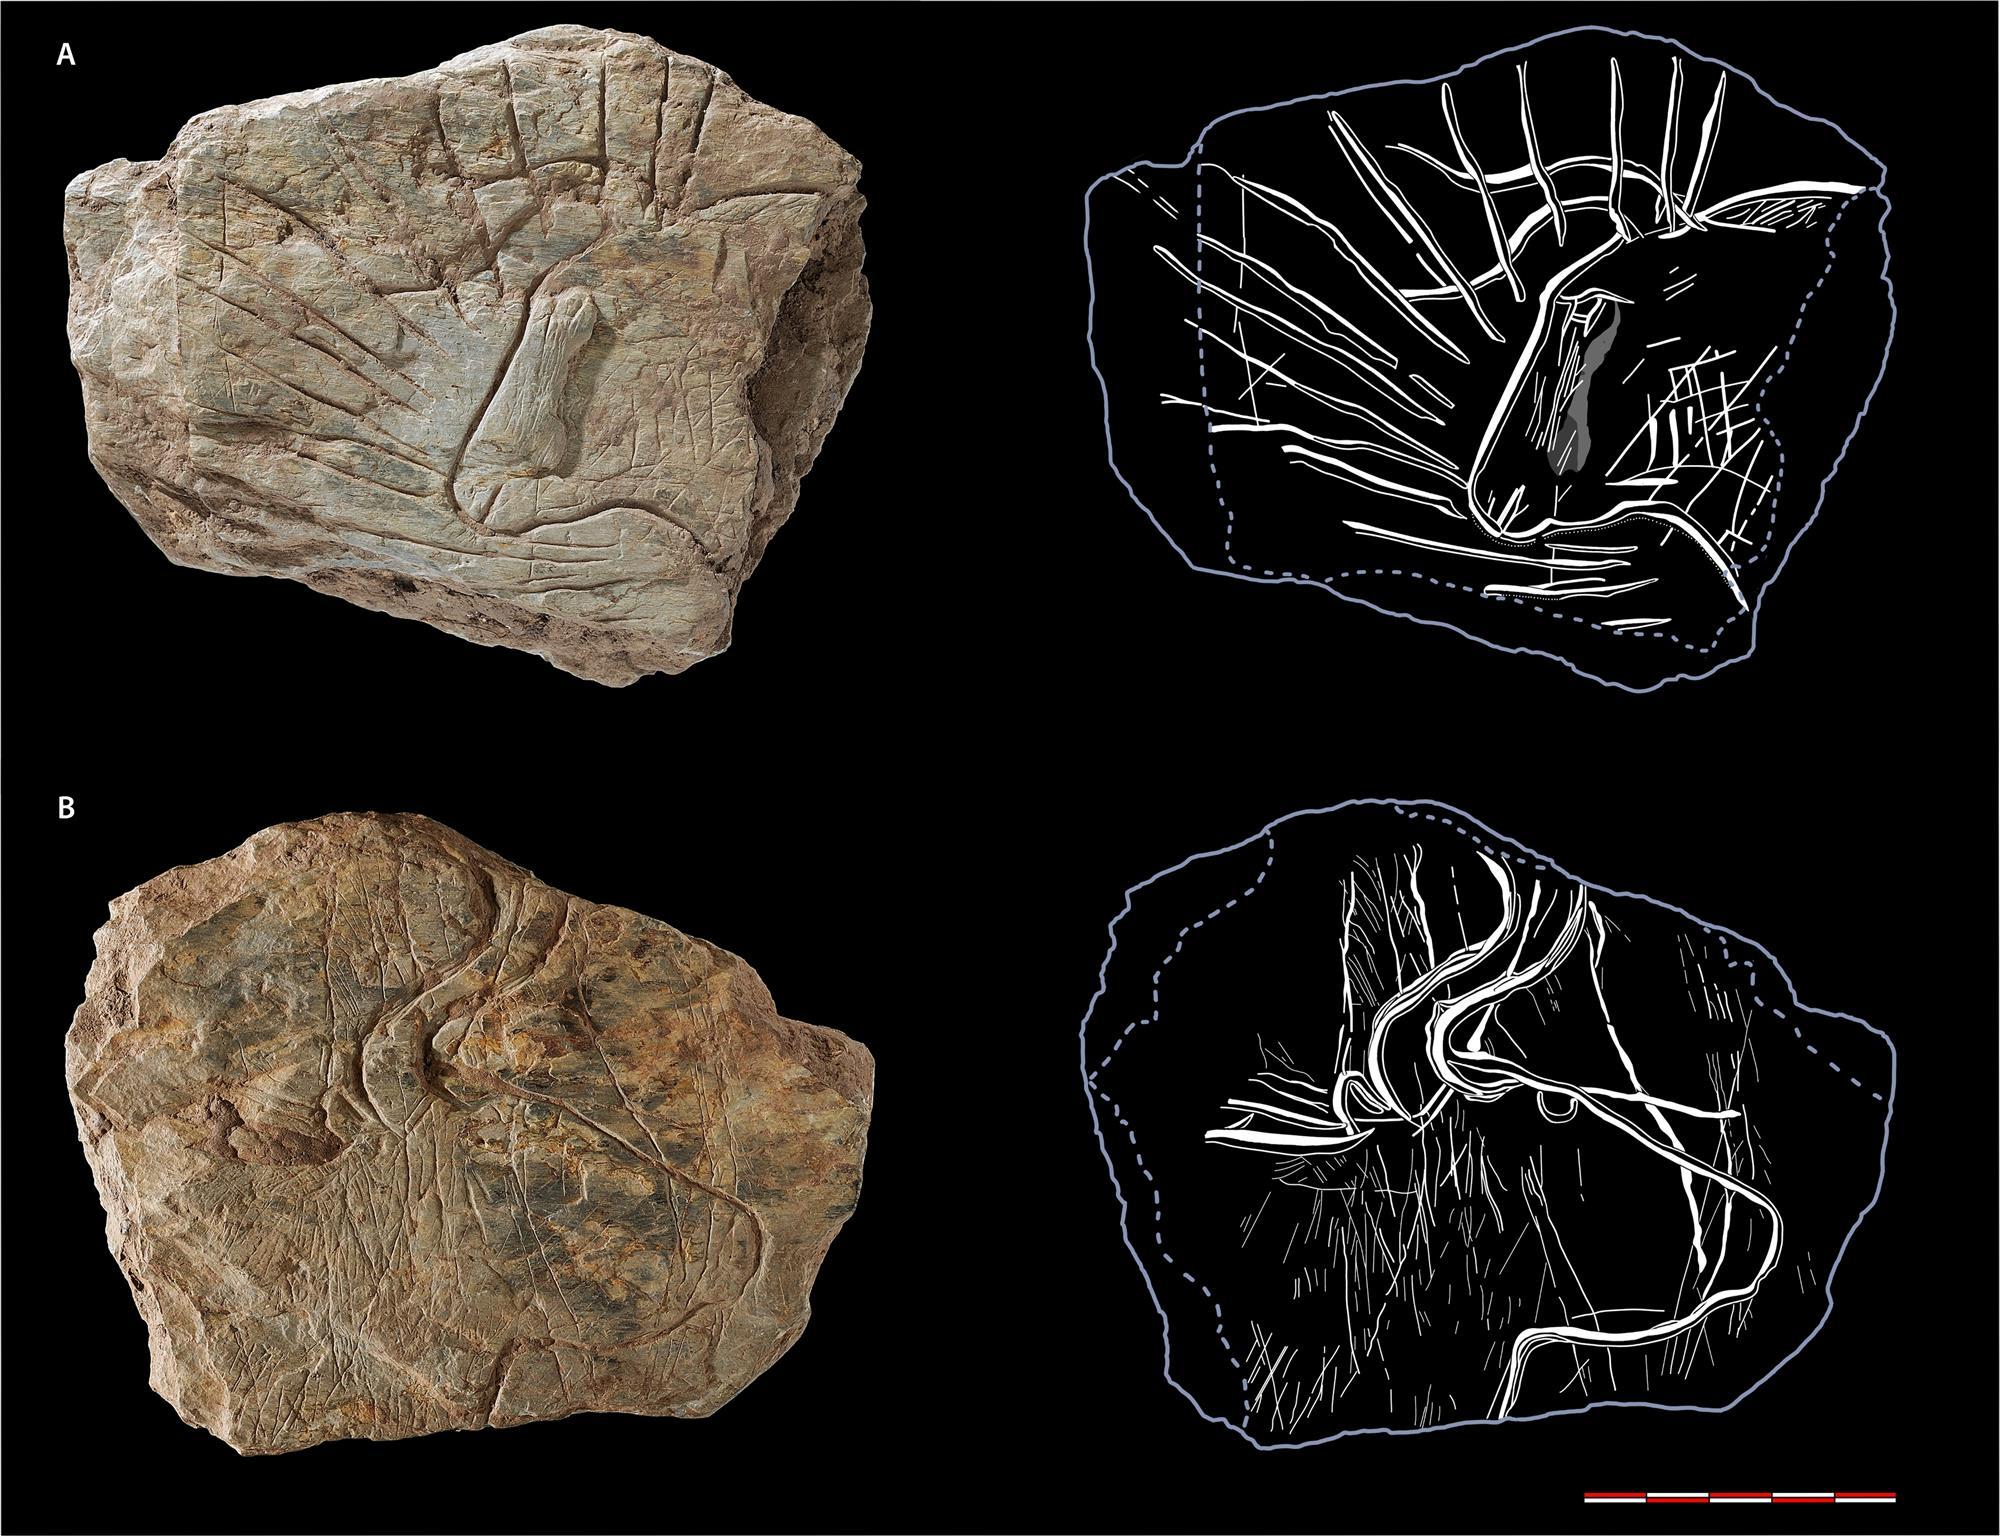 Un toro resplandeciente y otros maravillosos grabados prehistóricos aparecen en Francia